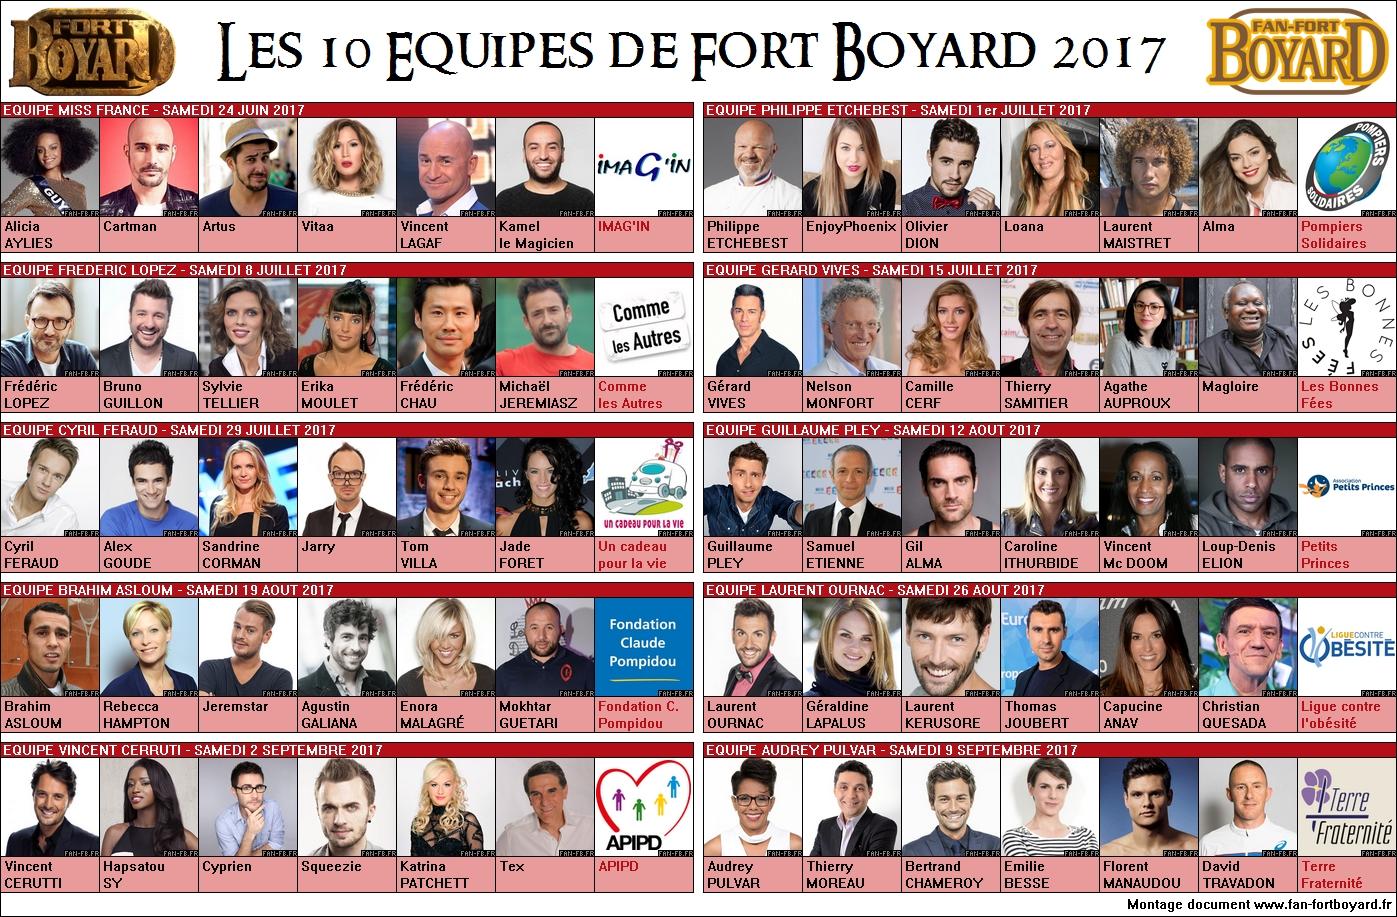 Fort Boyard 2017 - Les 10 équipes de la 28e saison